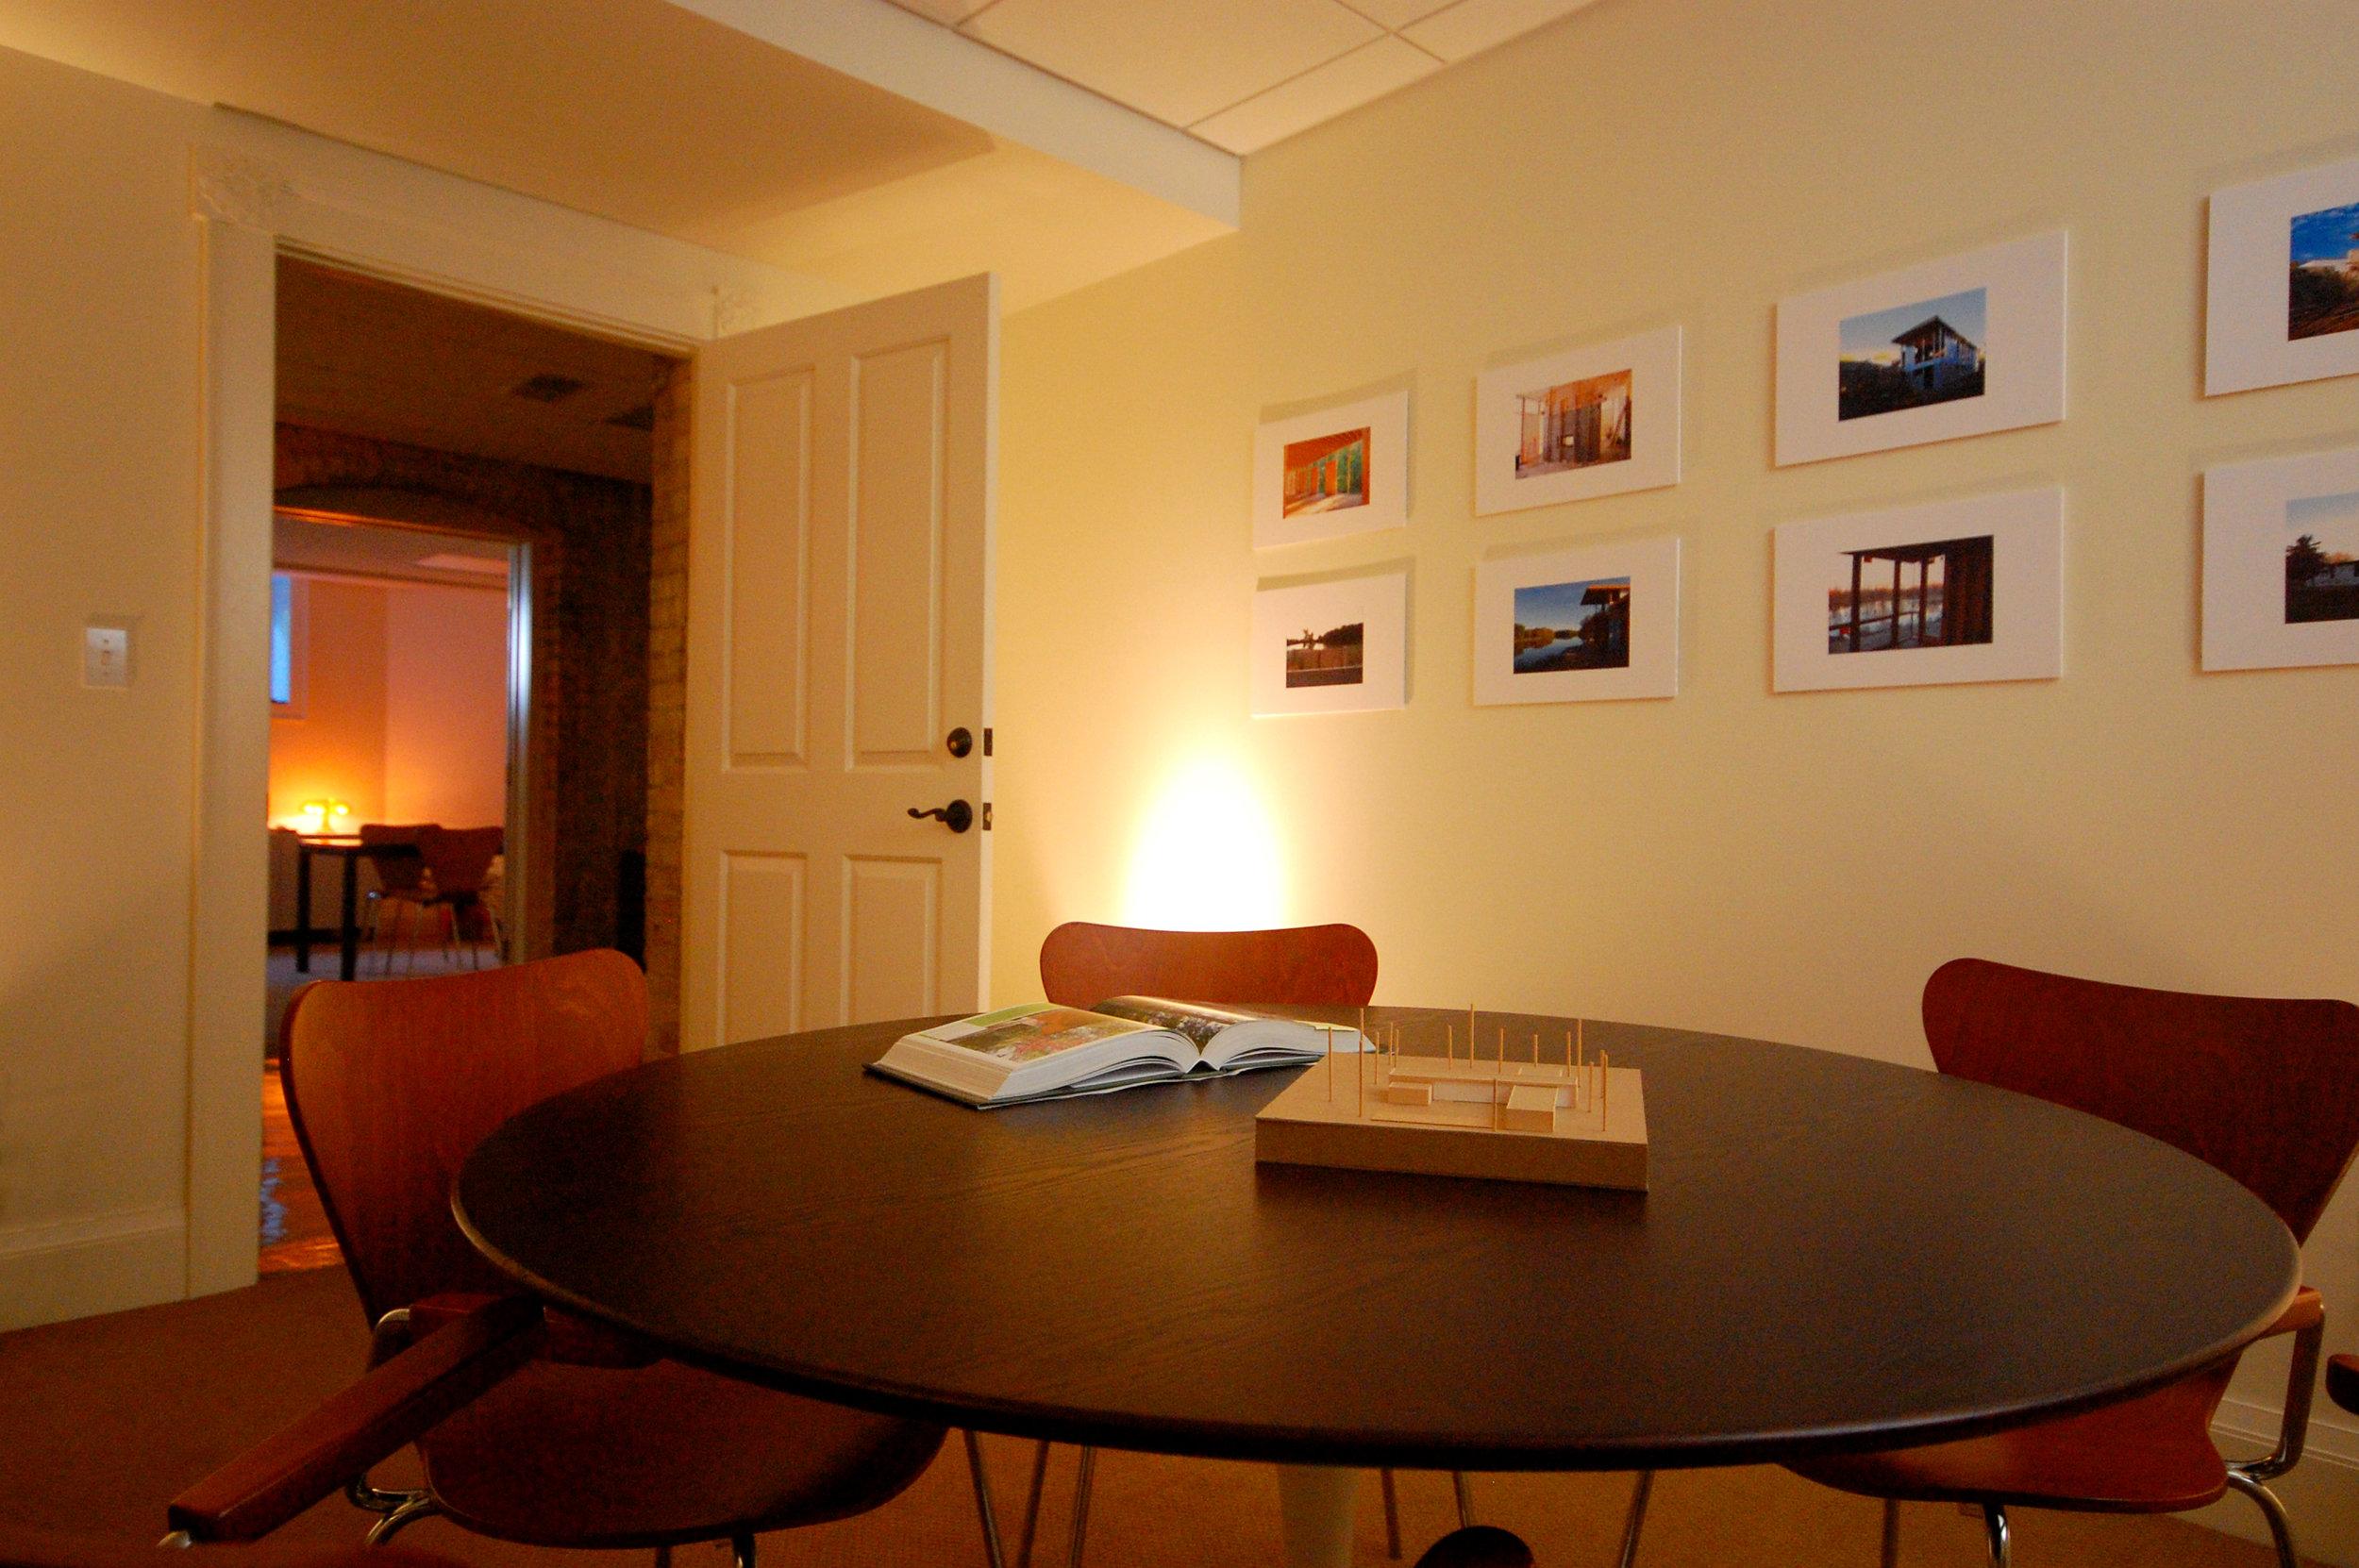 03-rooms.JPG